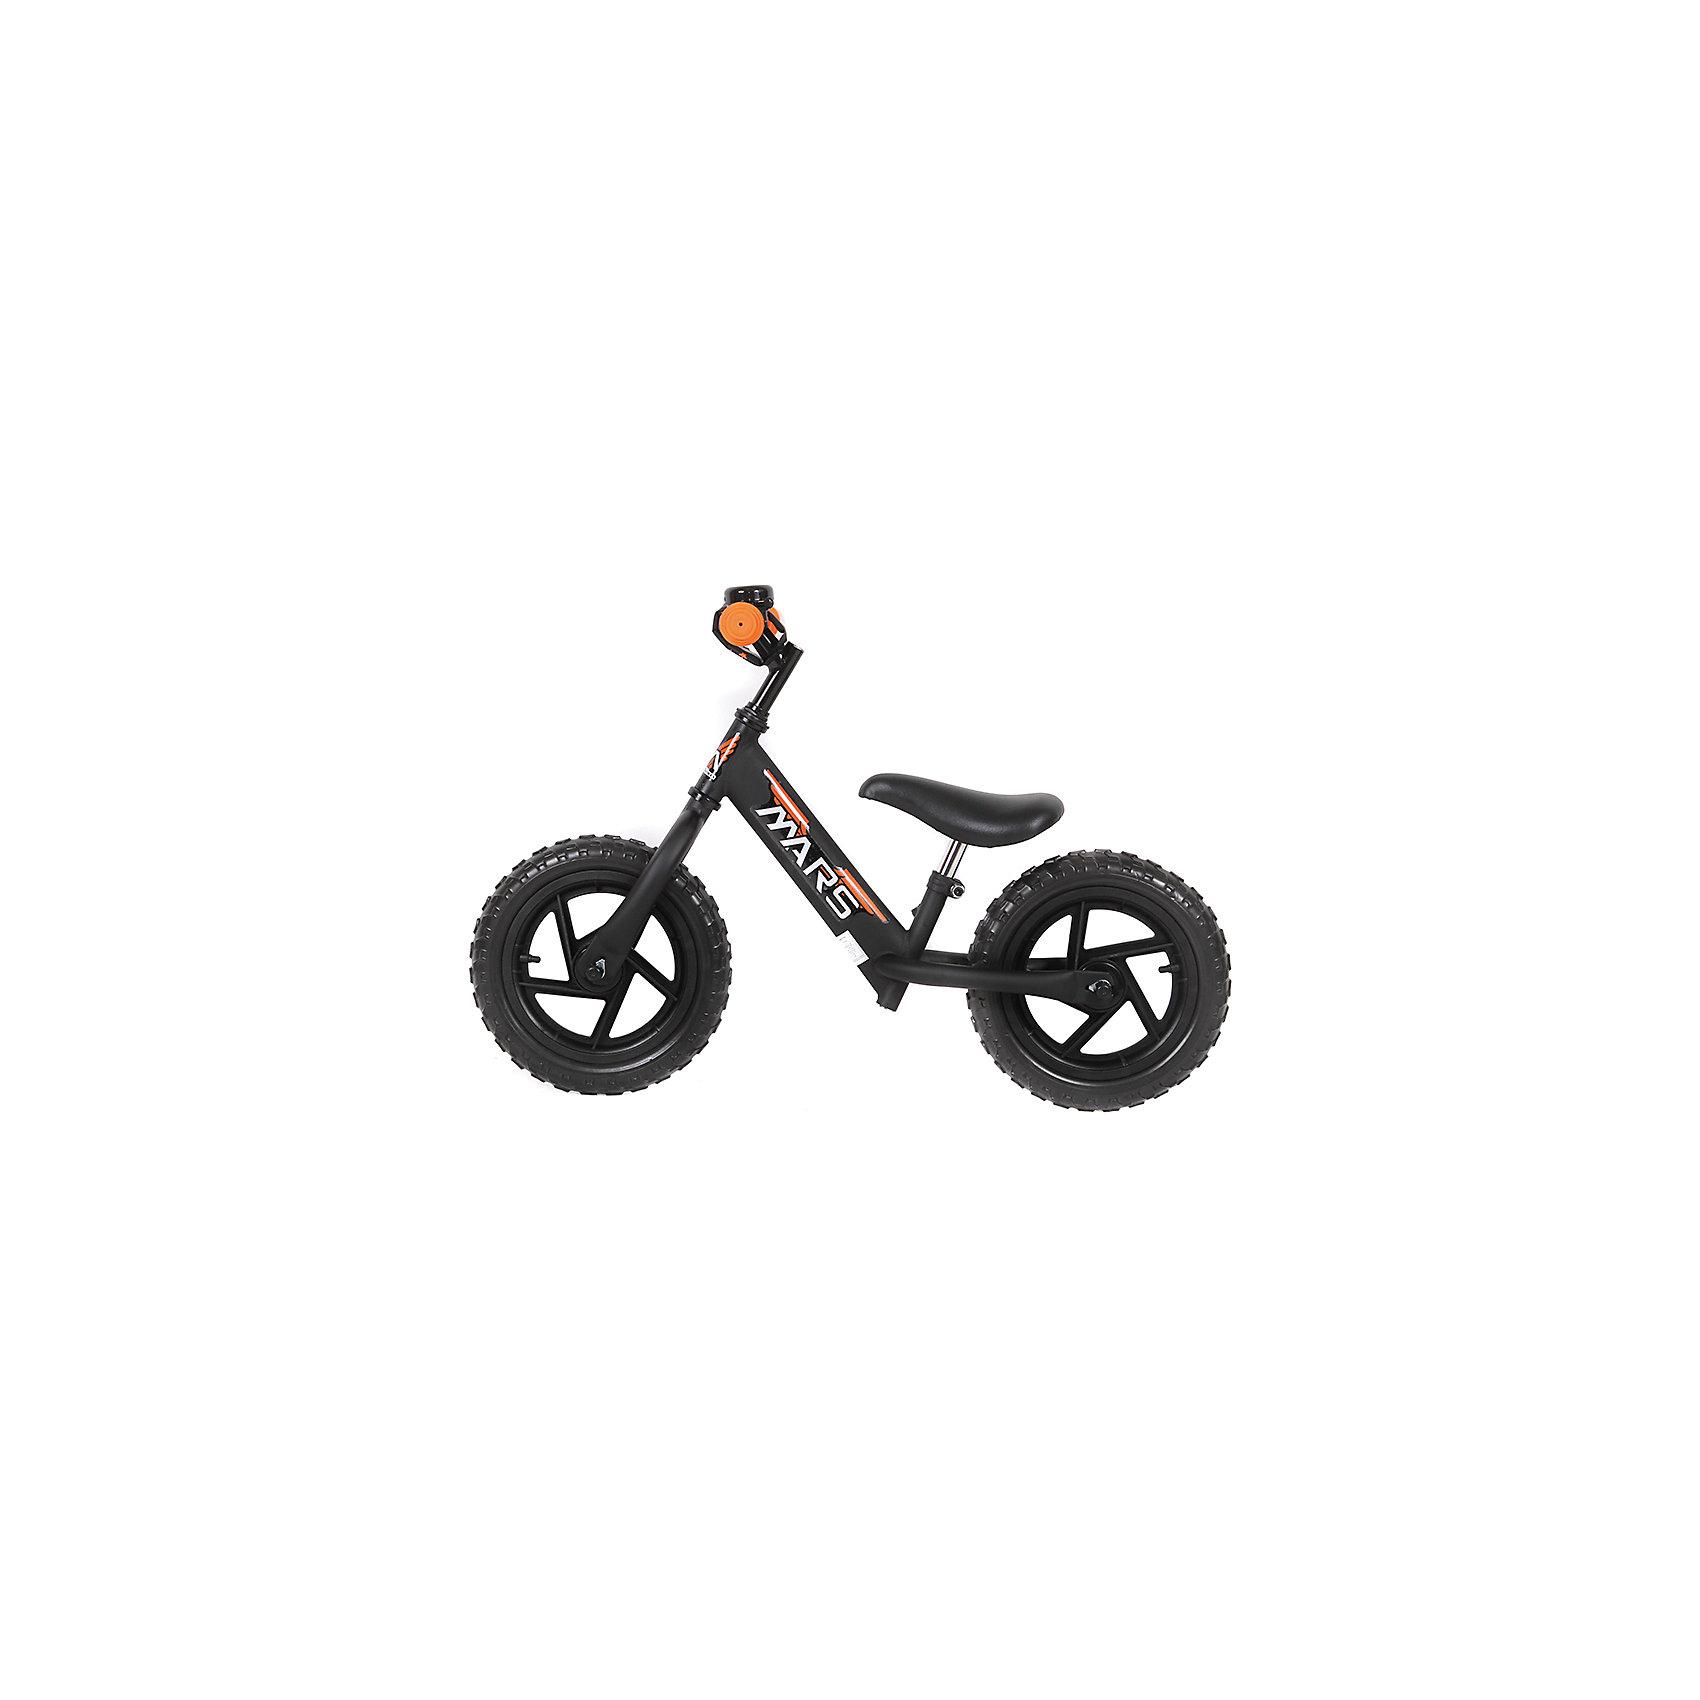 Беговел черный, NEW MARSДля малышей от трех до пяти лет специалисты создали велобег - заменитель двухколесного велосипеда.  Это велосипед - без педалей и цепи, он учит в первую очередь держать равновесие, на нем ребенок не сможет сильно разогнаться. На велобеге очень комфортно ездить благодаря продуманному размеру колес, их размер точно вымерен для того, чтобы обеспечить устойчивость на поворотах. С помощью велобега ребенок будет также развивать внимательность и пространственное мышление, а также учиться правильно использовать пространство.<br>Велобег выполнен в стильной расцветке, он произведен из высококачественных материалов. Эти материалы безопасны для ребенка. Он имеет созданную специалистами конструкцию, которая обеспечит ребенку комфорт и безопасность. Эта модель отличается удобным сиденьем, легкостью, возможностью отрегулировать руль и сиденье под рост ребенка.<br><br>Дополнительная информация:<br><br>цвет: черный;<br>прочная и легкая конструкция;<br>удобный руль;<br>диаметр колес 12 дюймов;<br>мягкое сидение  с возможностью регулировки высоты;<br>рама и вилка сделаны из алюминиевого сплава;<br>регулировка положения высоты руля;<br>резиновые колеса;<br>звонок.<br><br>Велобег, черный, от марки NEW MARS можно купить в нашем магазине.<br><br>Ширина мм: 800<br>Глубина мм: 300<br>Высота мм: 400<br>Вес г: 5200<br>Возраст от месяцев: 36<br>Возраст до месяцев: 60<br>Пол: Унисекс<br>Возраст: Детский<br>SKU: 4715390